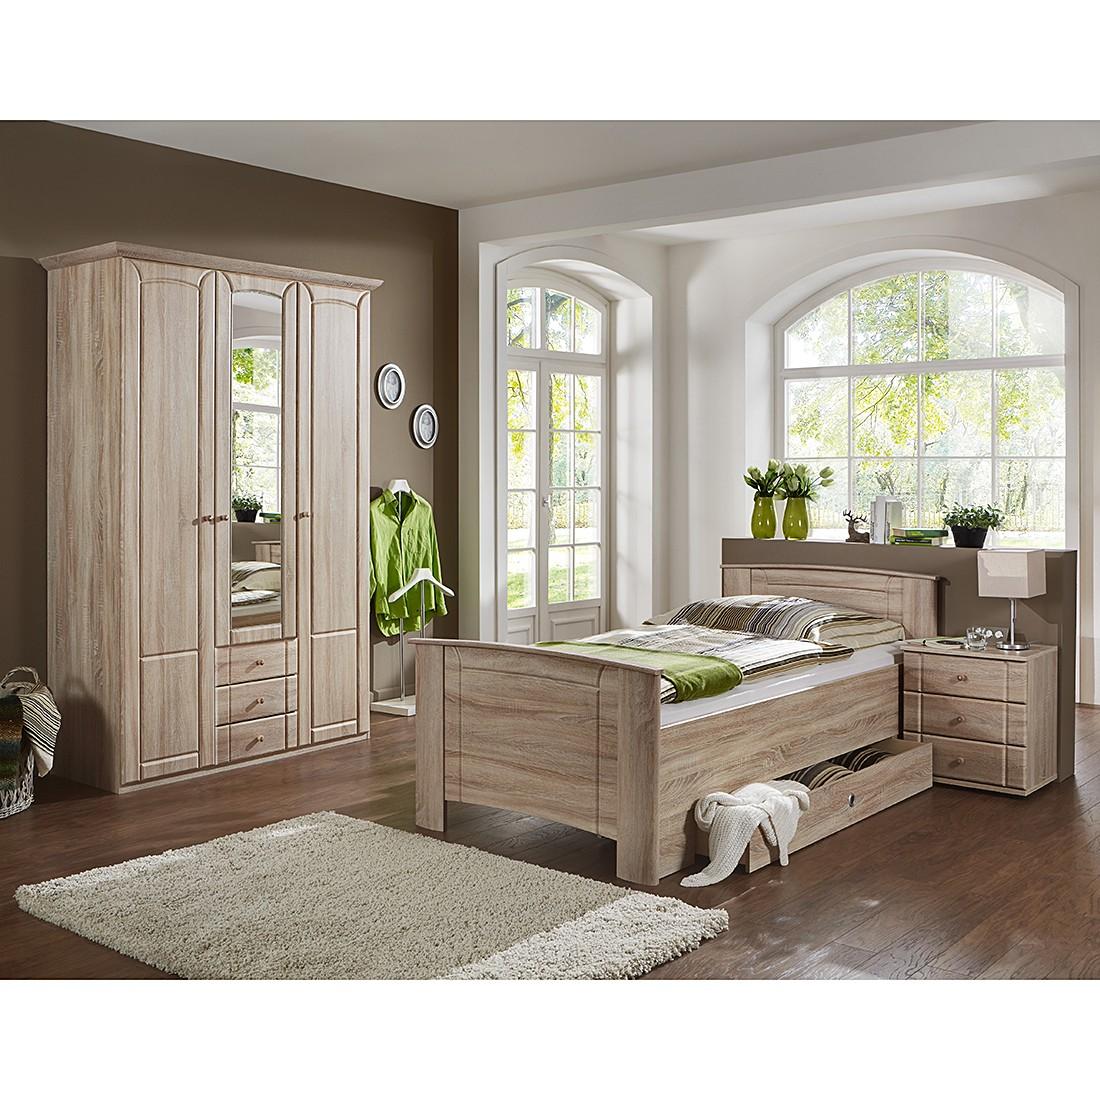 Schlafzimmer vorhänge schweiz ~ Schlafzimmer Vorhänge Preis ...